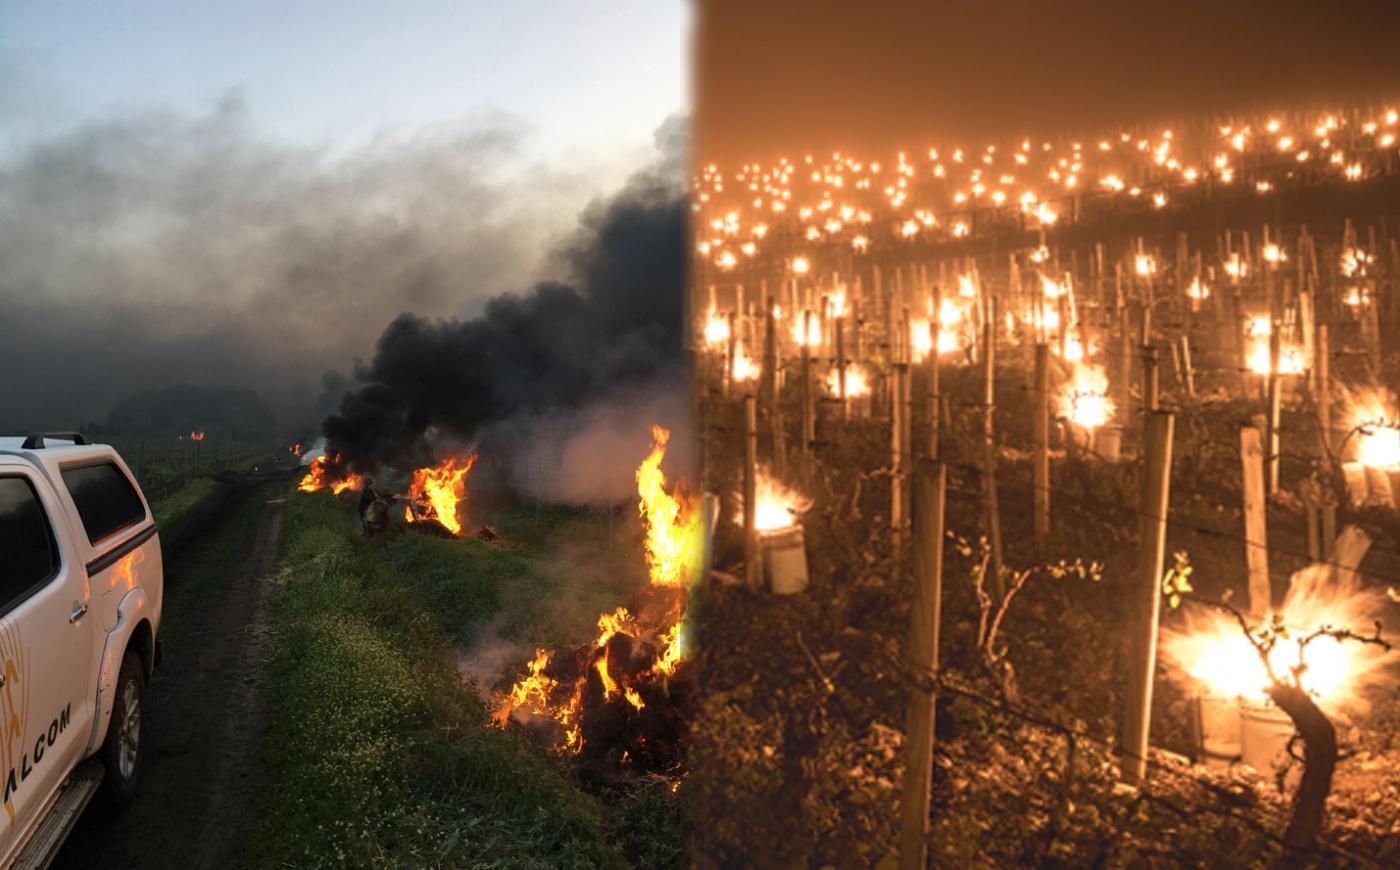 Noapte alba la Domeniul Coroanei Segarcea. 300 de oameni au aprins focuri pentru a salva 300 ha de vie